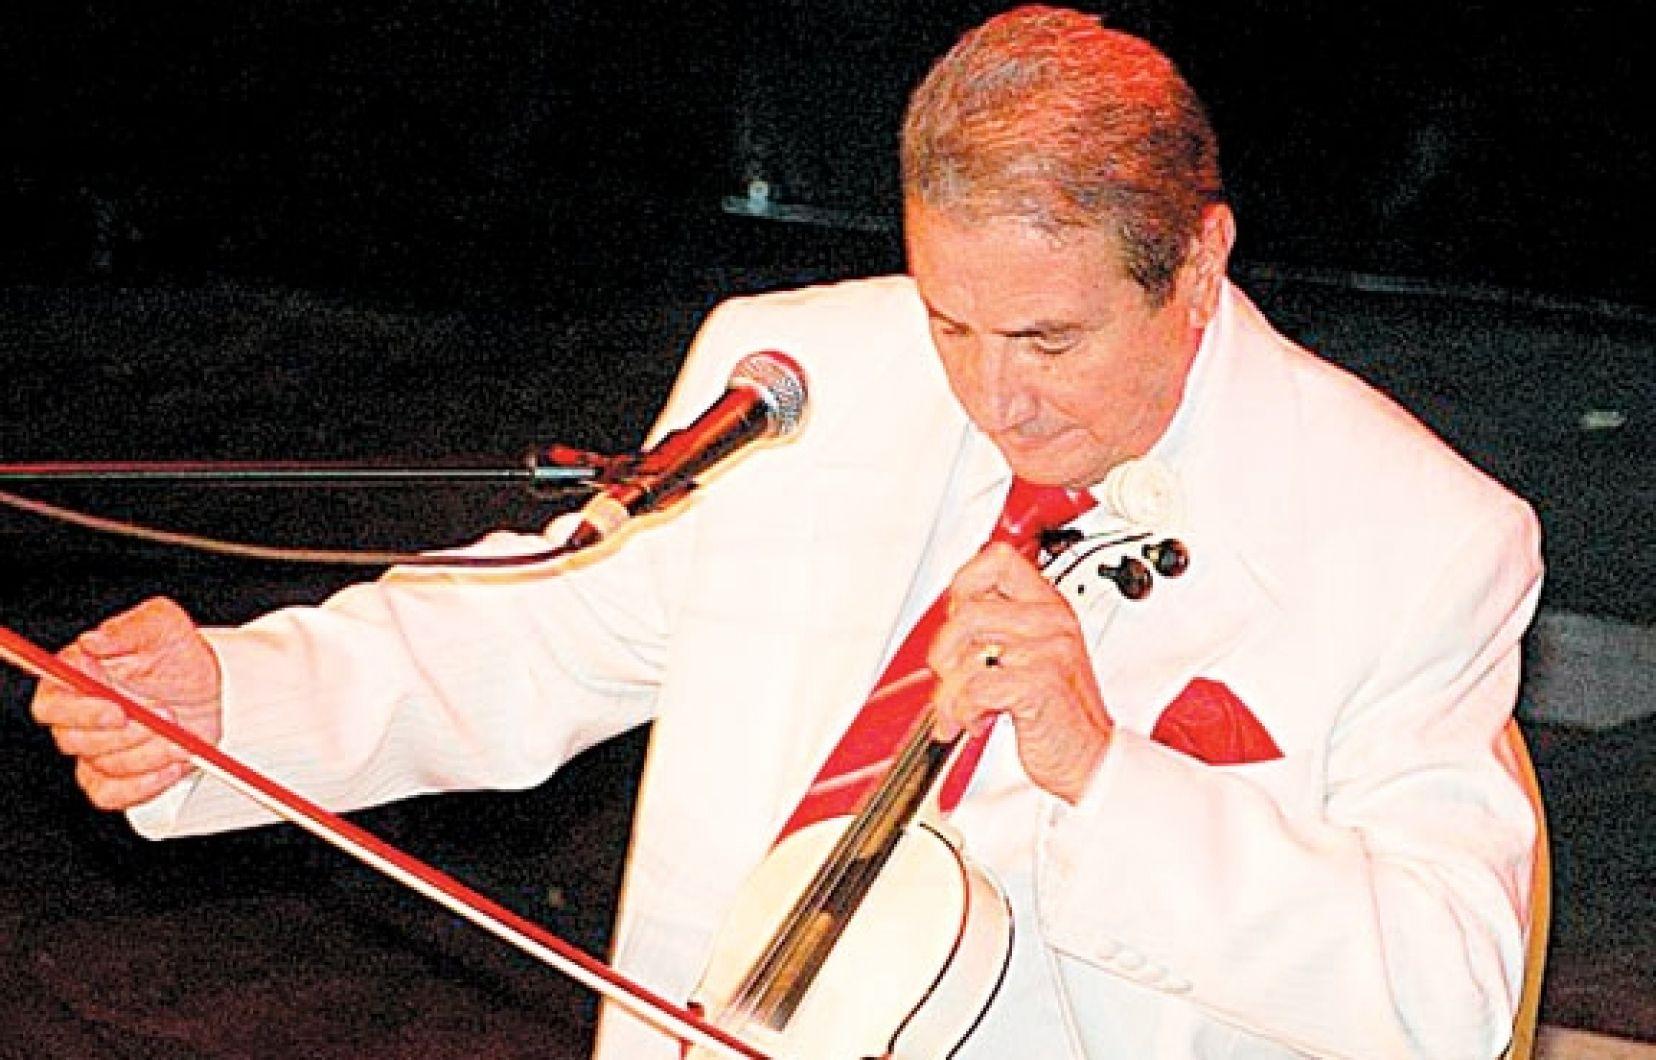 Algérie/Covid-19: décès du musicien Hamdi Benani, maître du malouf